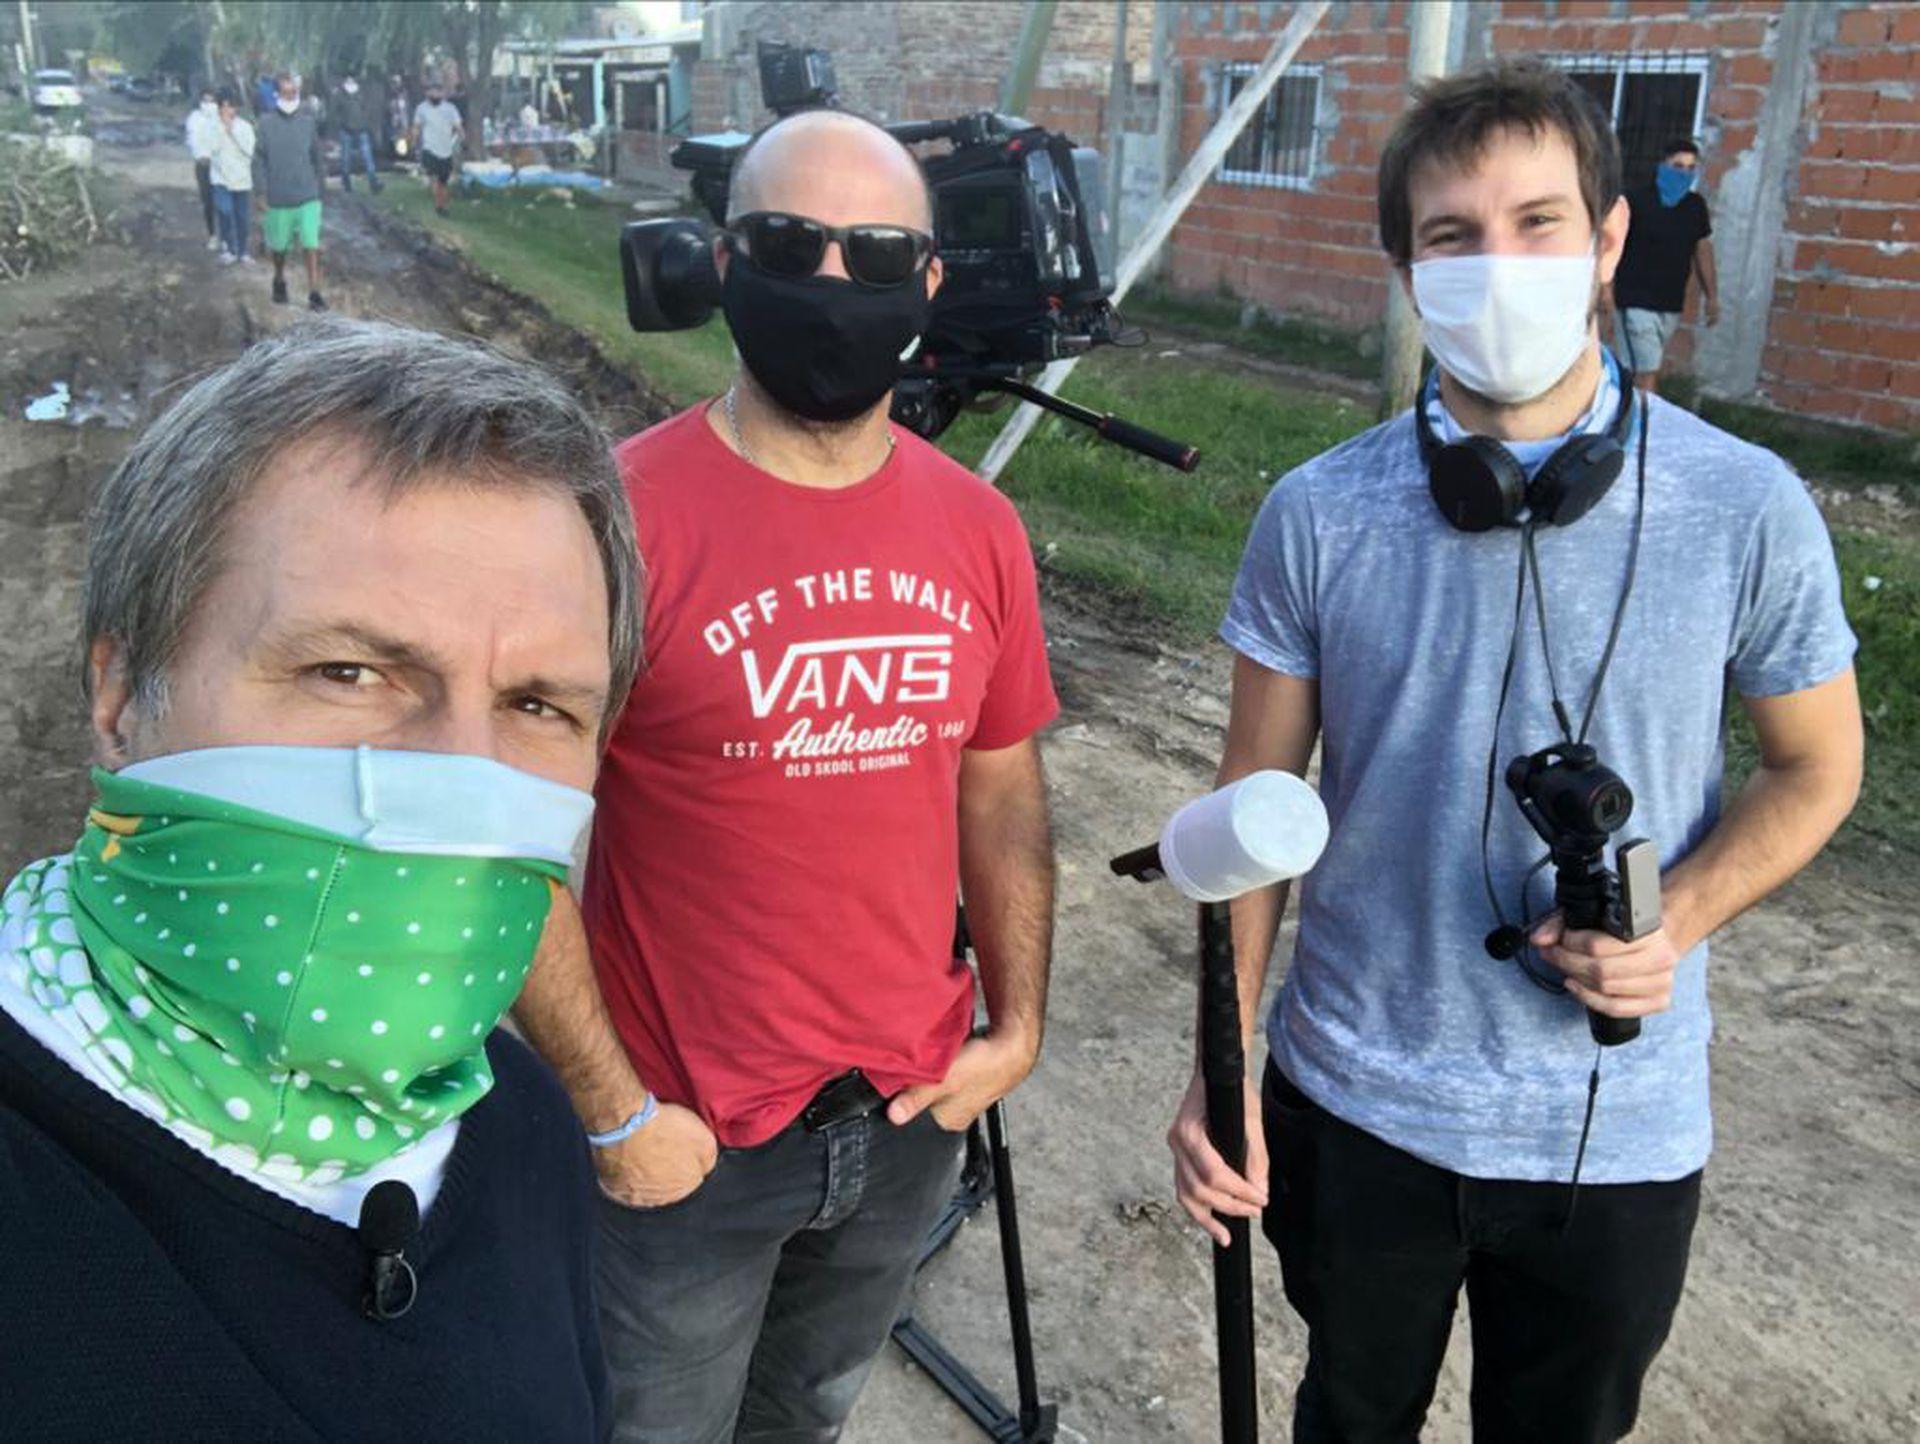 El periodista Guillermo Panizza al frente del trabajo en exteriores, acompañado por el camarógrafo Marcelo González y el asistente Pedro Kasparas. Durante diez meses cubrieron las necesidades urgentes en medio de la pandemia